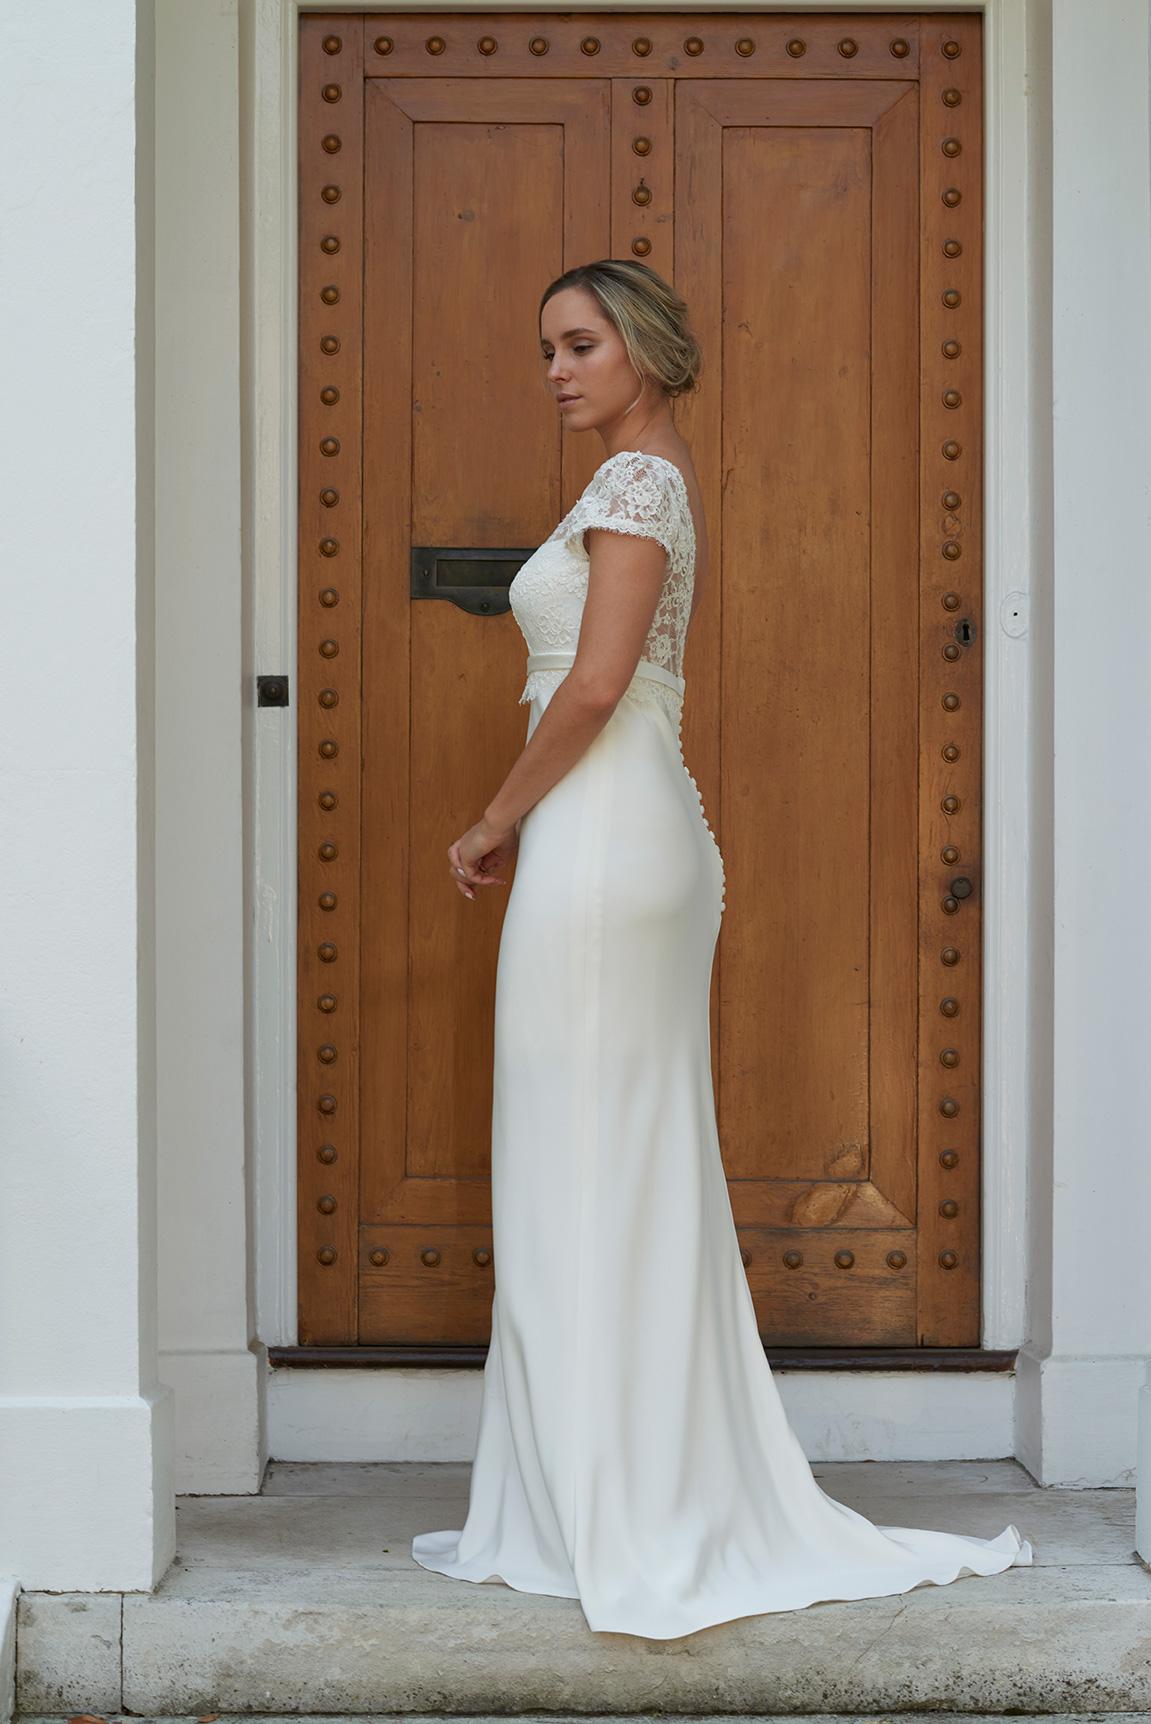 Lottie_dress_doorside-web.jpg